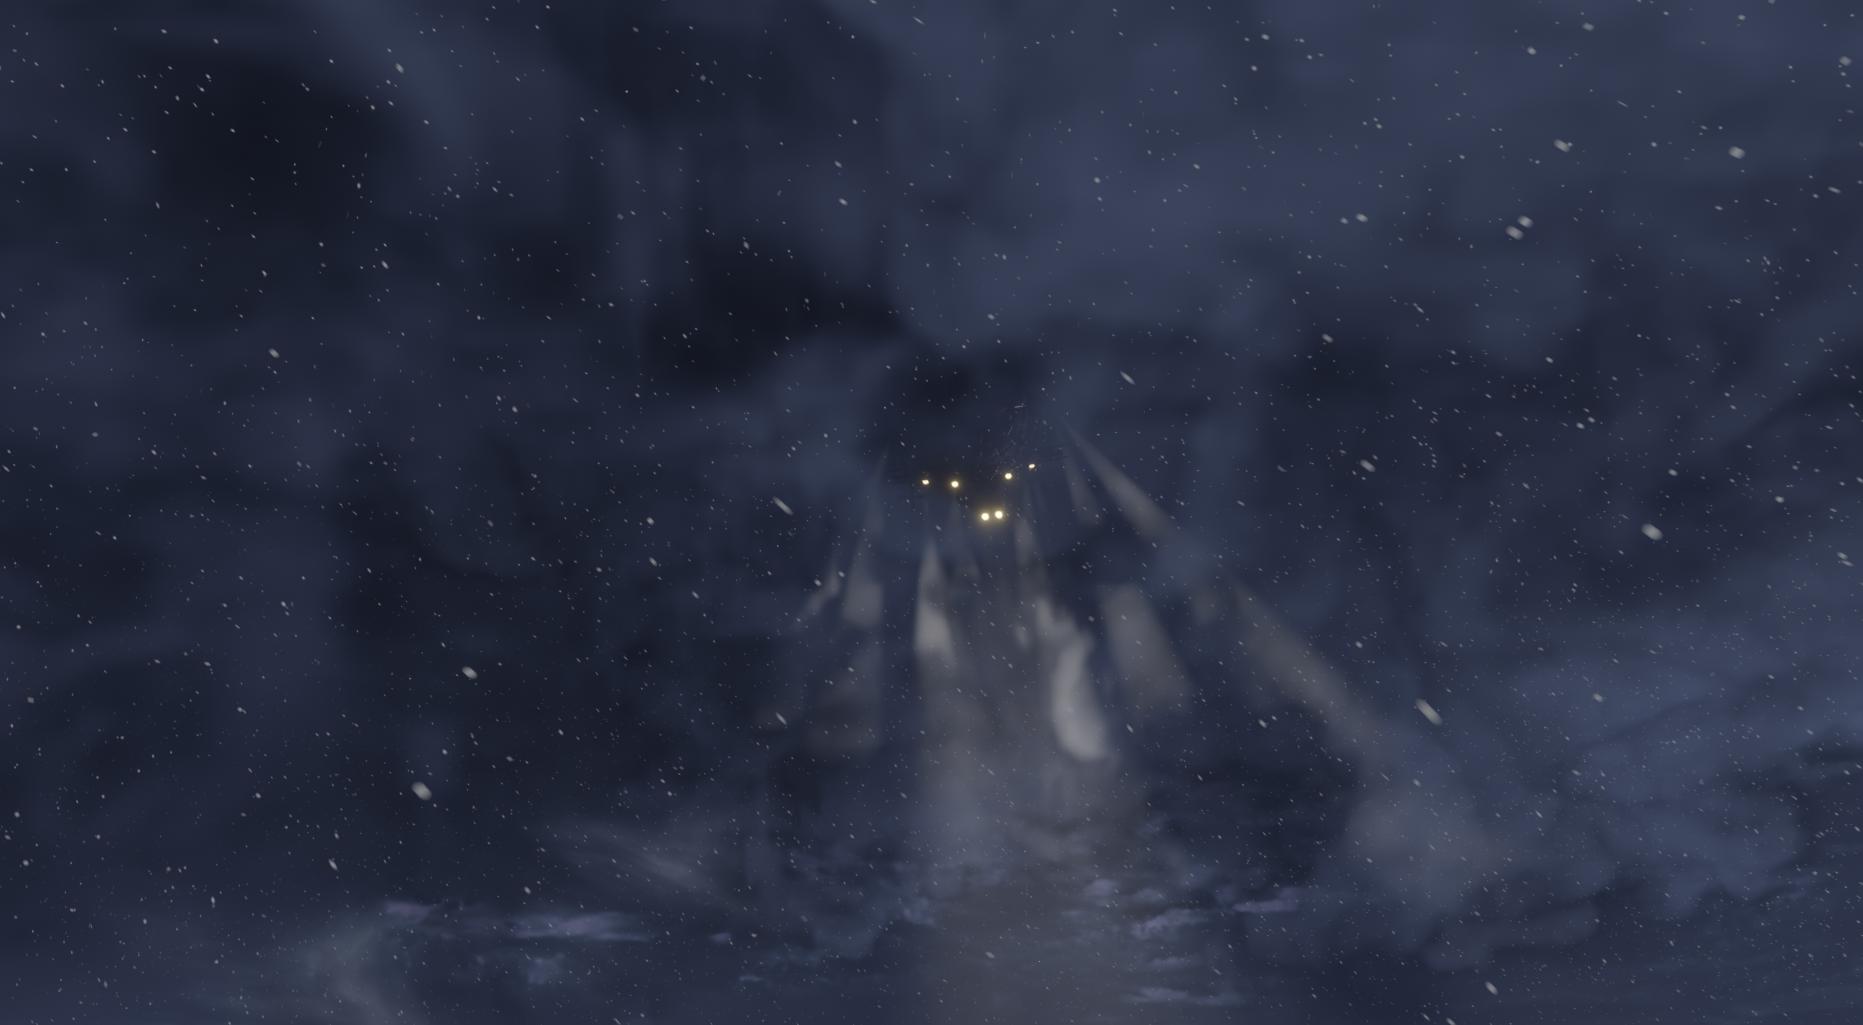 Screenshot 2021-01-12 at 16.19.06.png